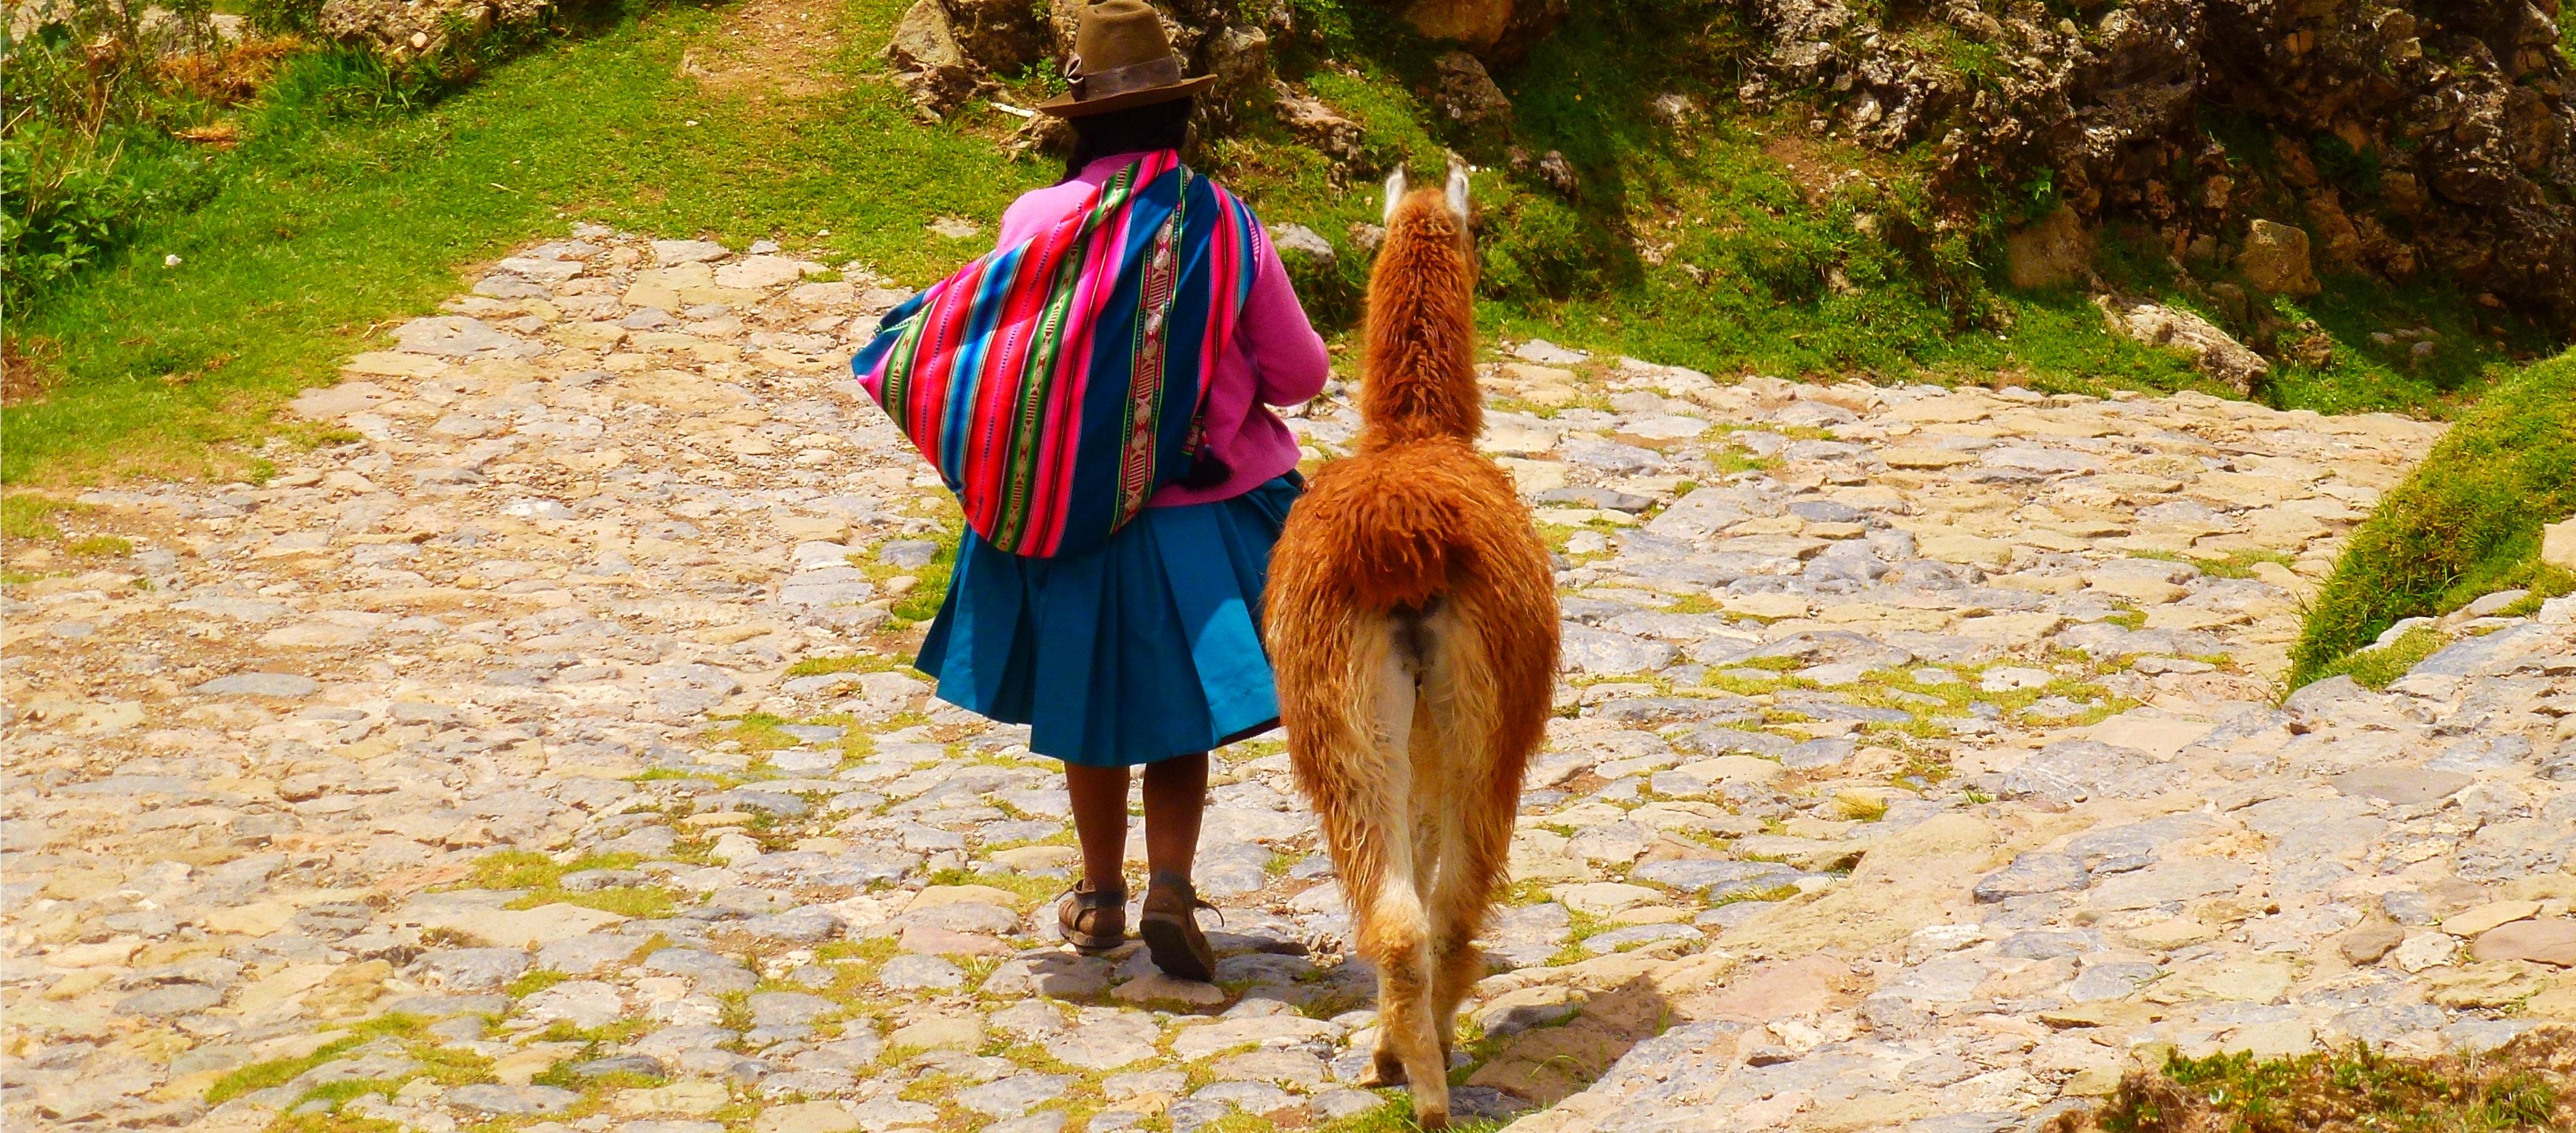 Photo Essay: Machu Picchu, Peru